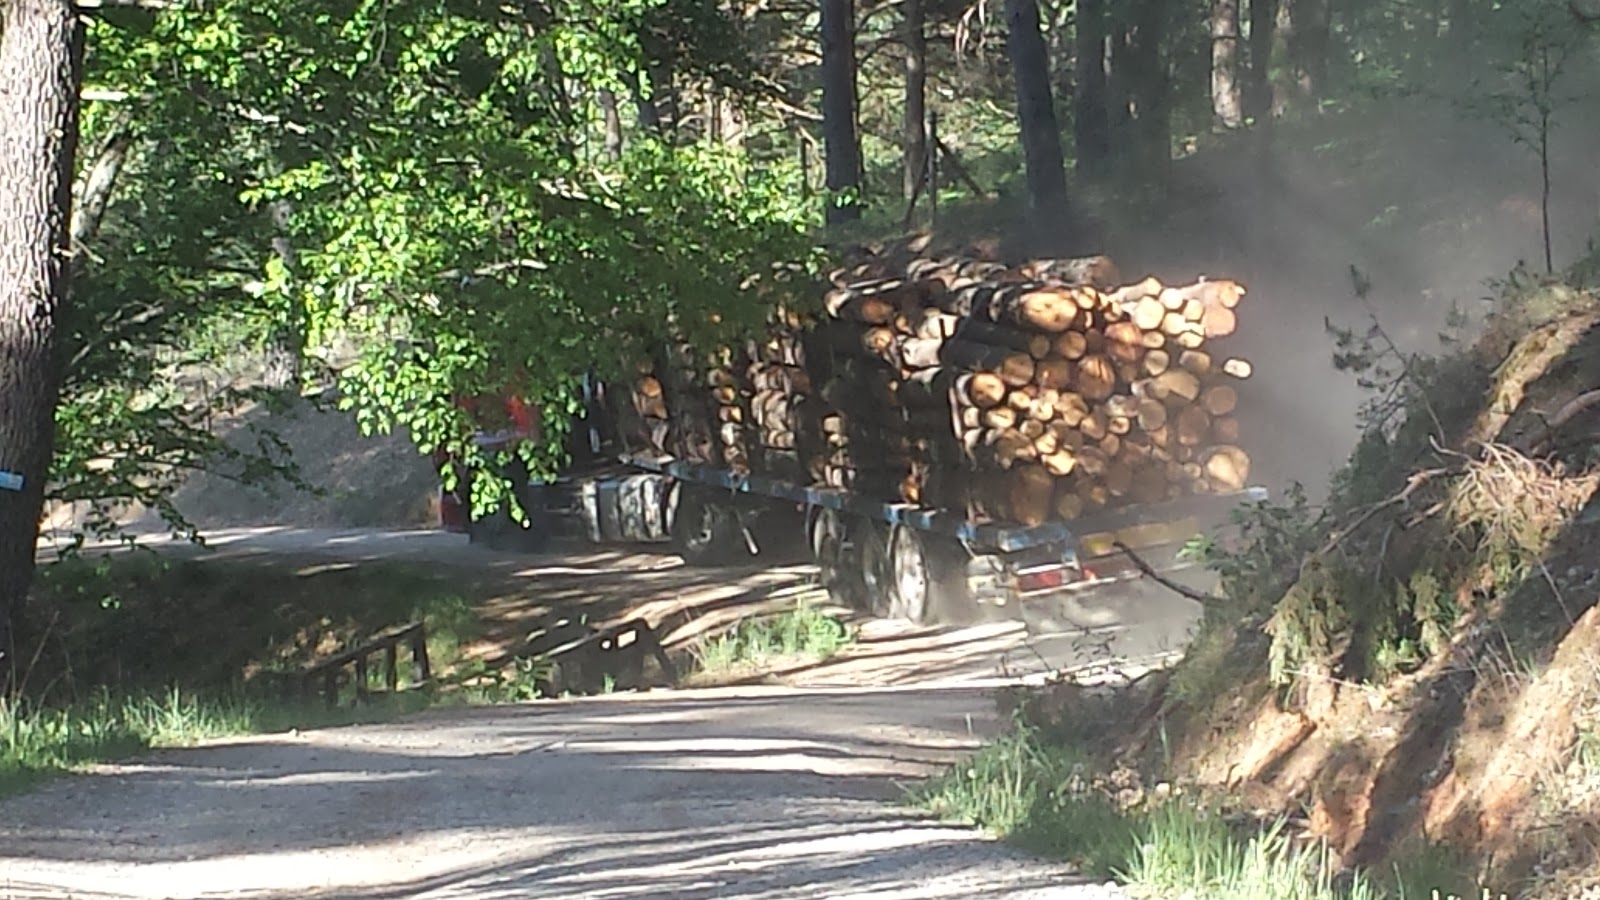 un camion sale cargado de troncos, desde el paraje de lso pinos en dirección a Palomares